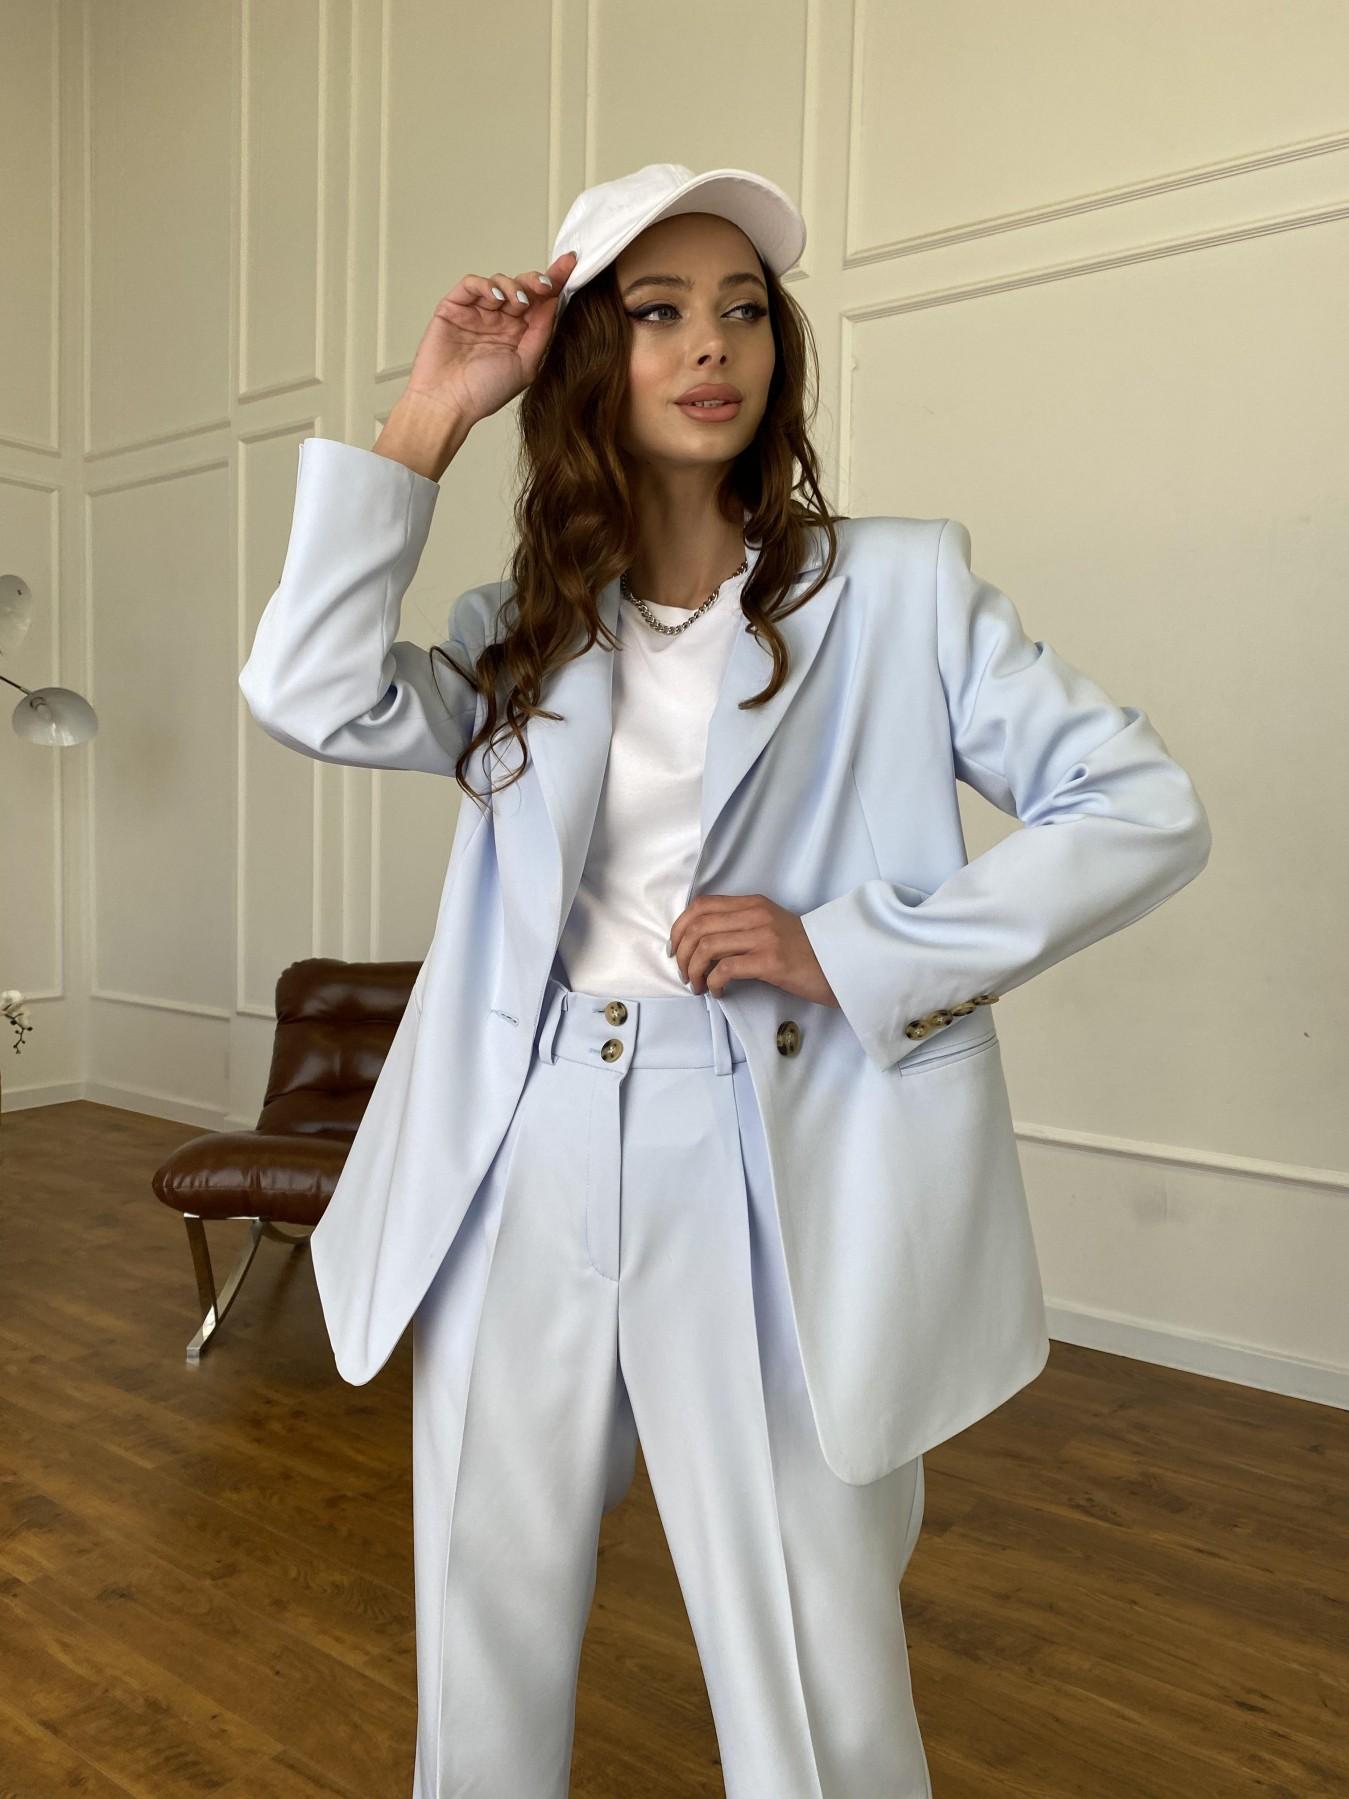 Белисимо жакет из костюмной ткани  стрейч 11192 АРТ. 47697 Цвет: Голубой - фото 3, интернет магазин tm-modus.ru